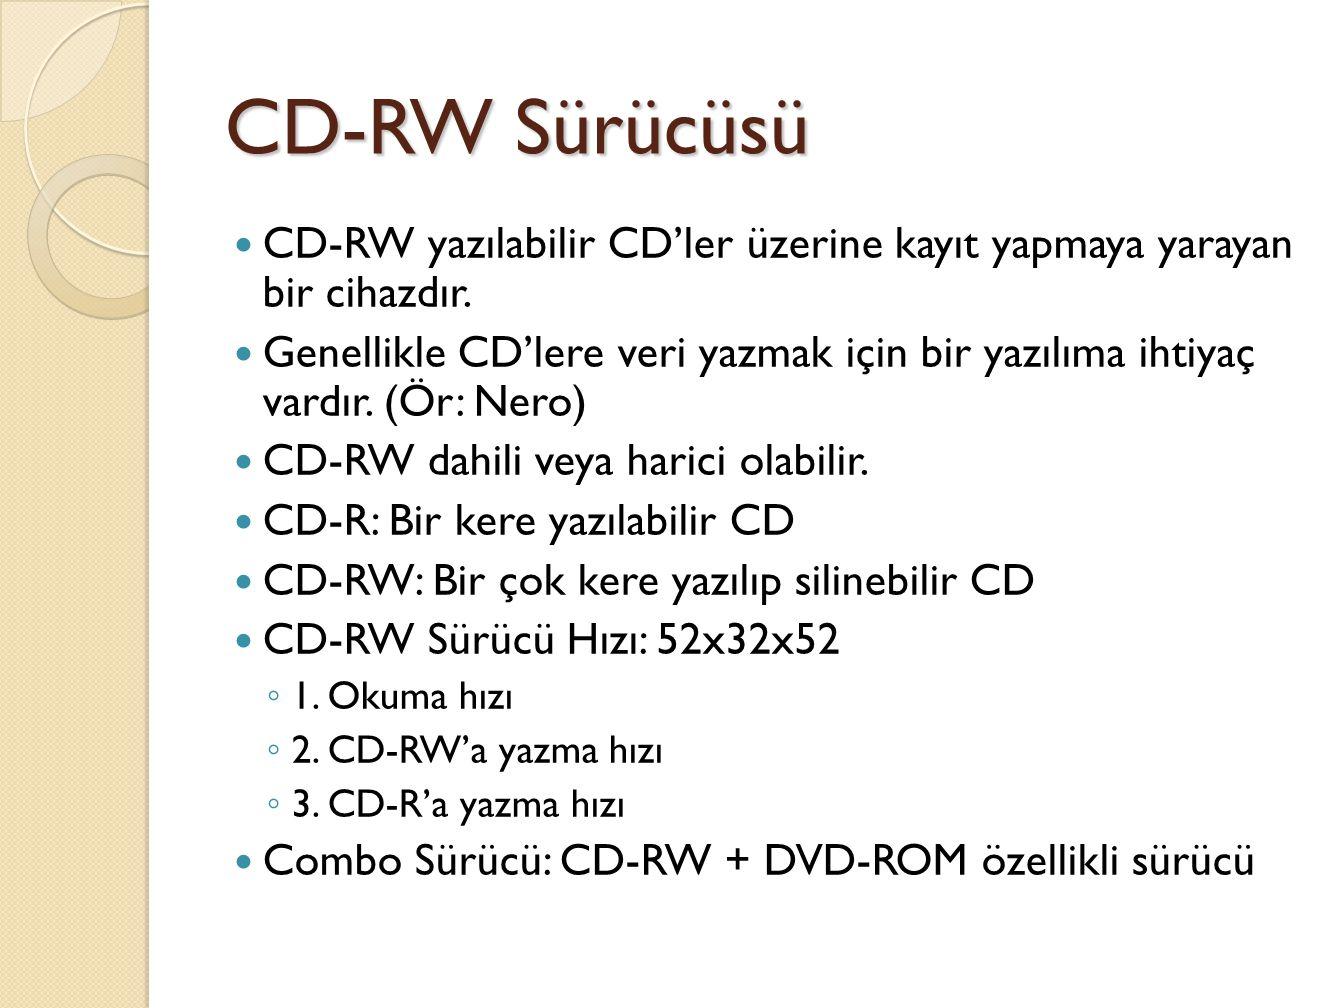 CD-RW Sürücüsü CD-RW yazılabilir CD'ler üzerine kayıt yapmaya yarayan bir cihazdır.